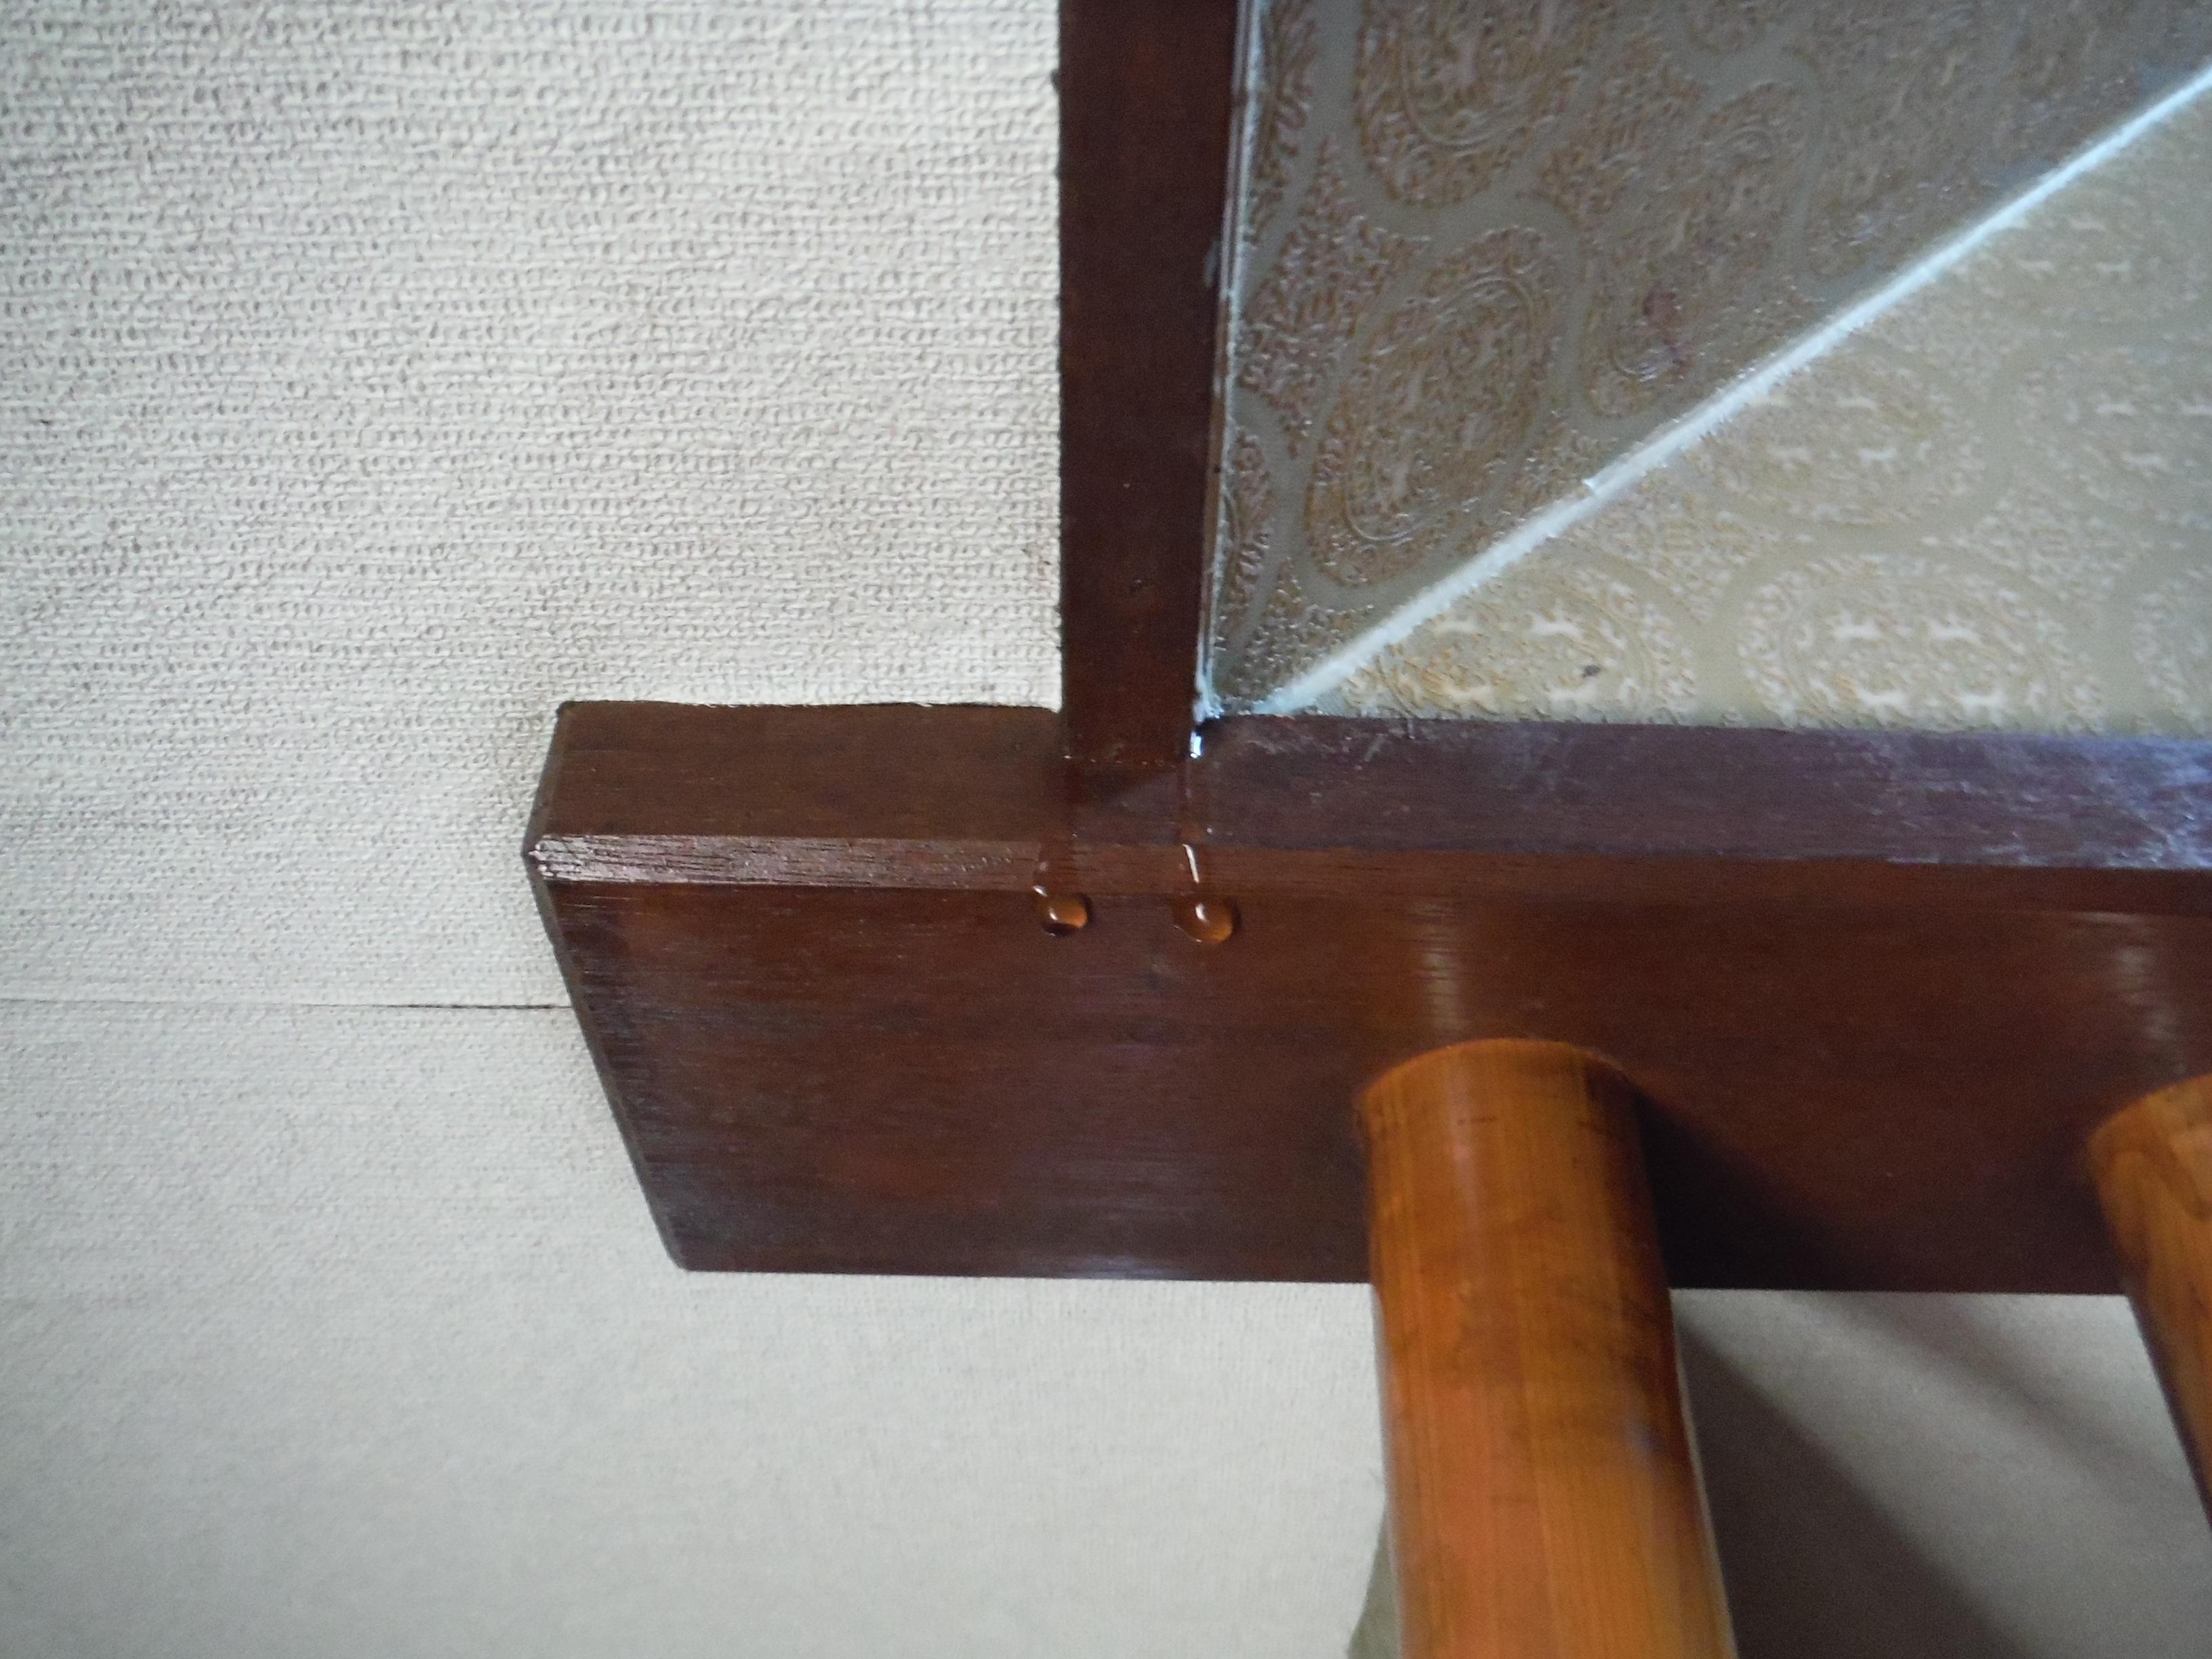 水分が天井からポタポタと垂れてきます。